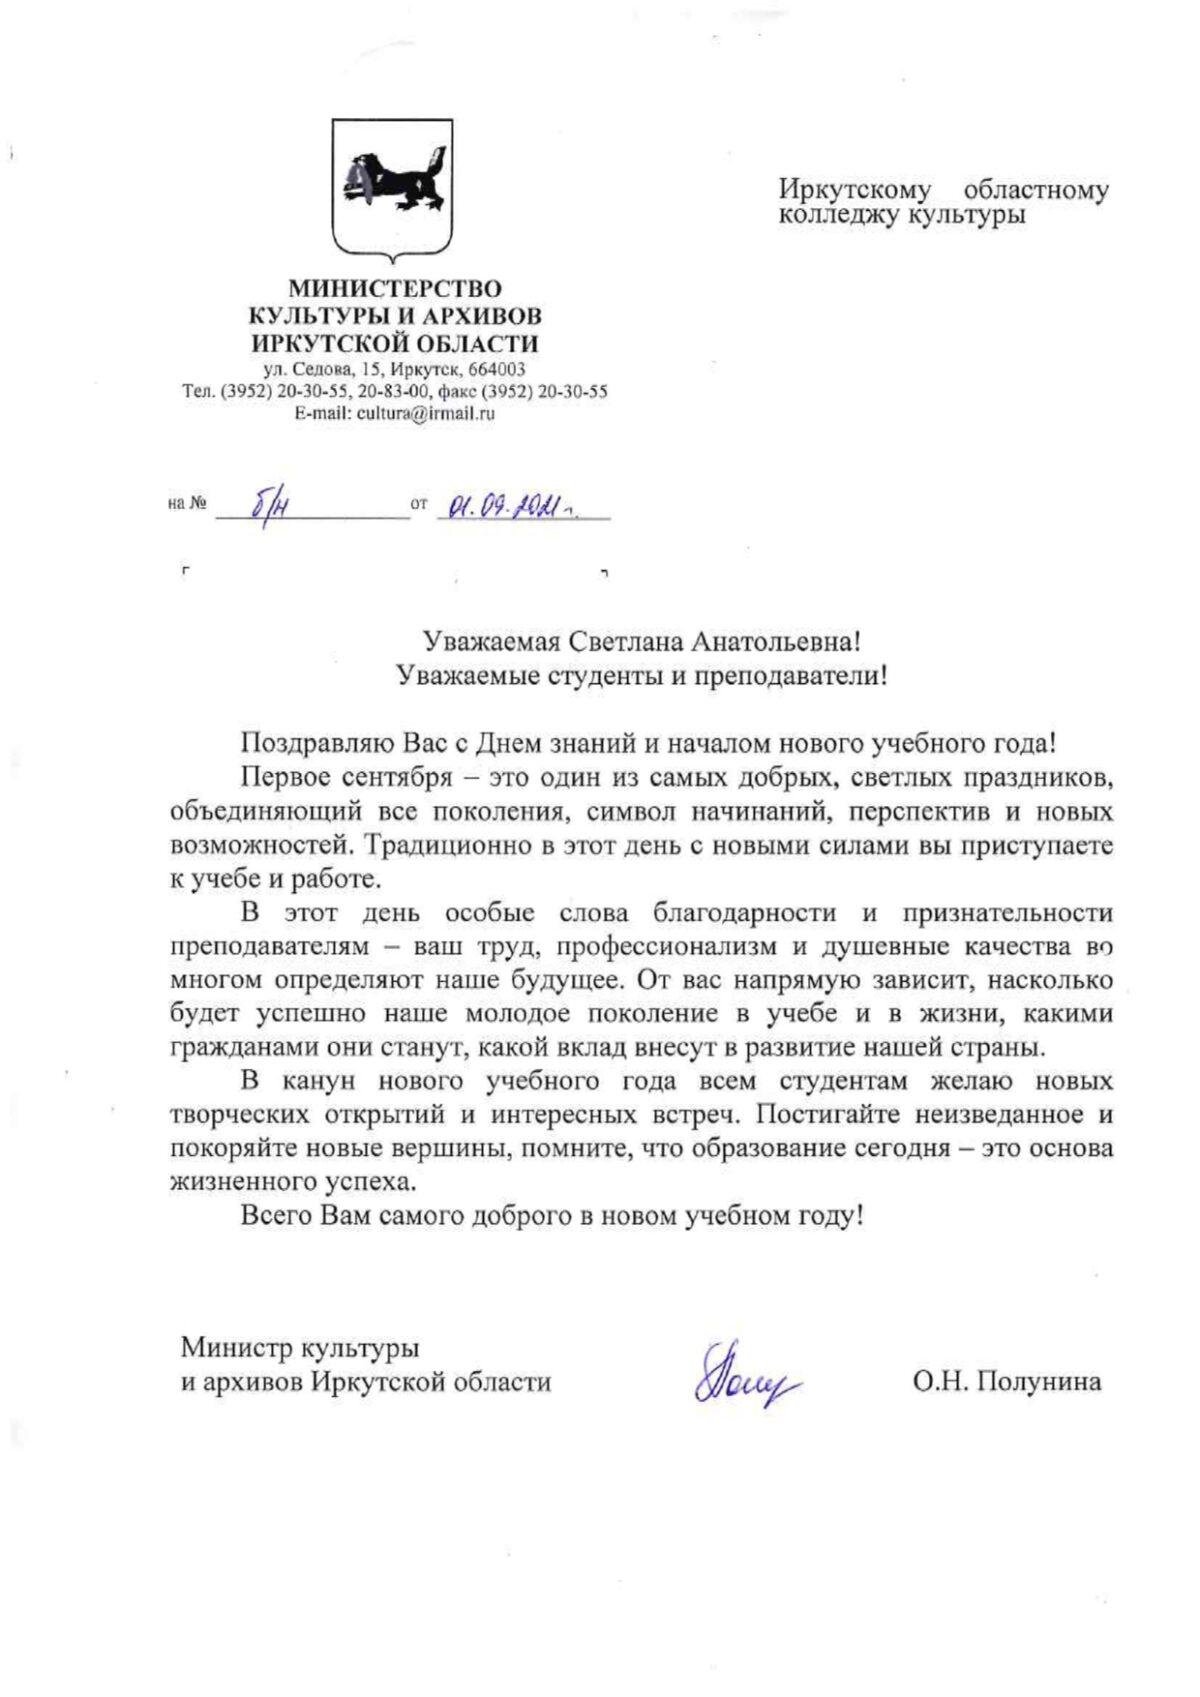 Поздравление от министра культуры и архивов Иркутской области